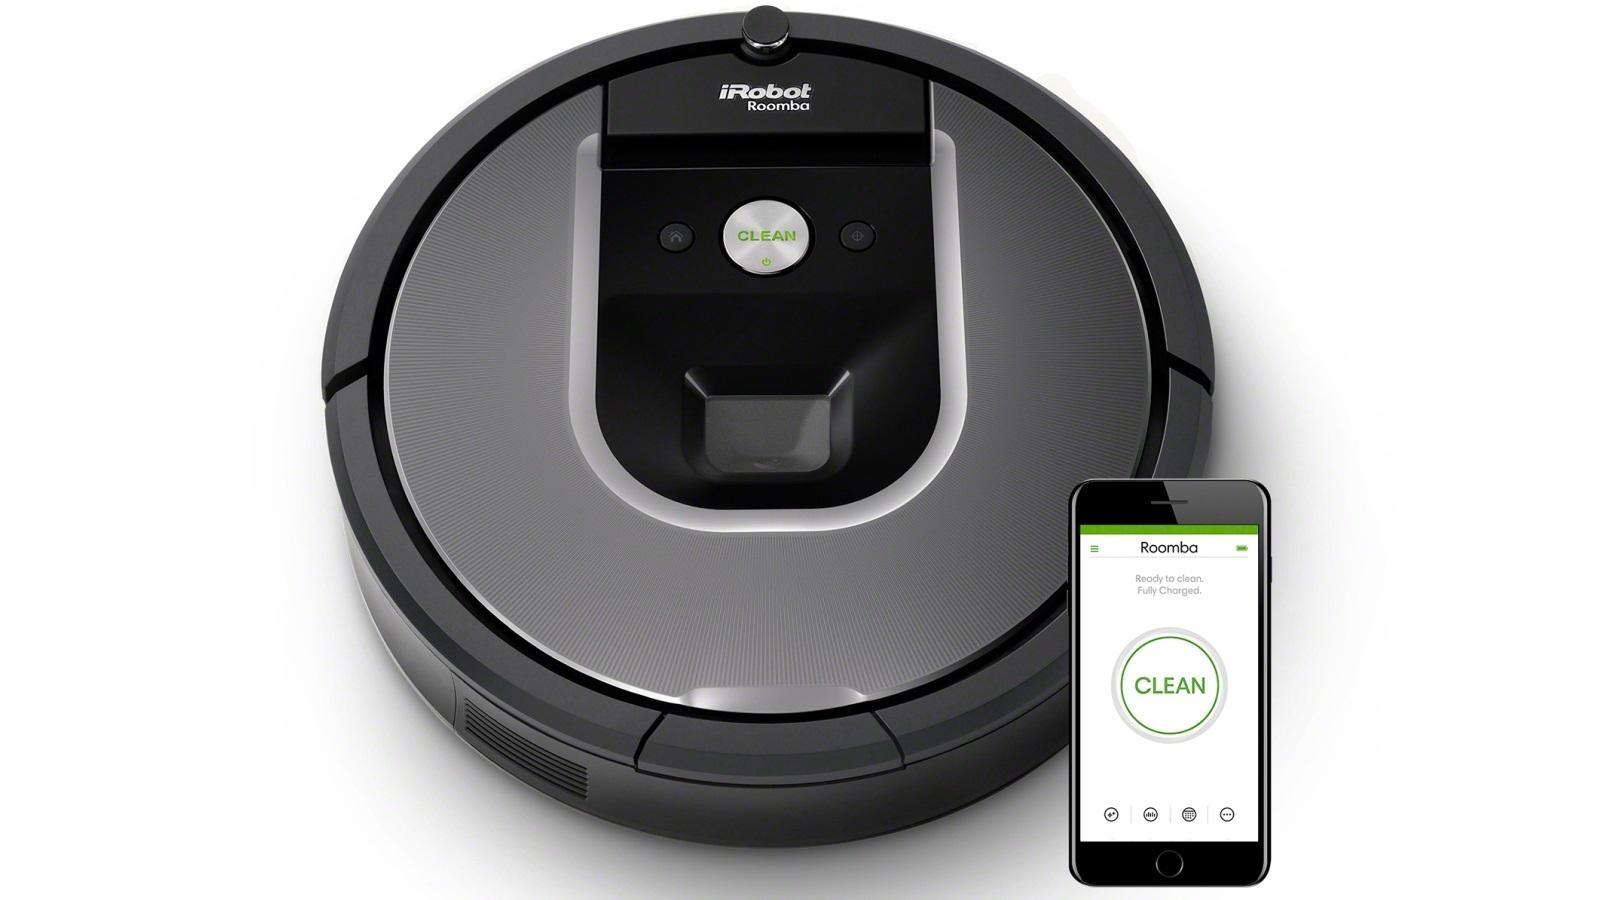 роботом-уборщиком можно управлять через смартфон